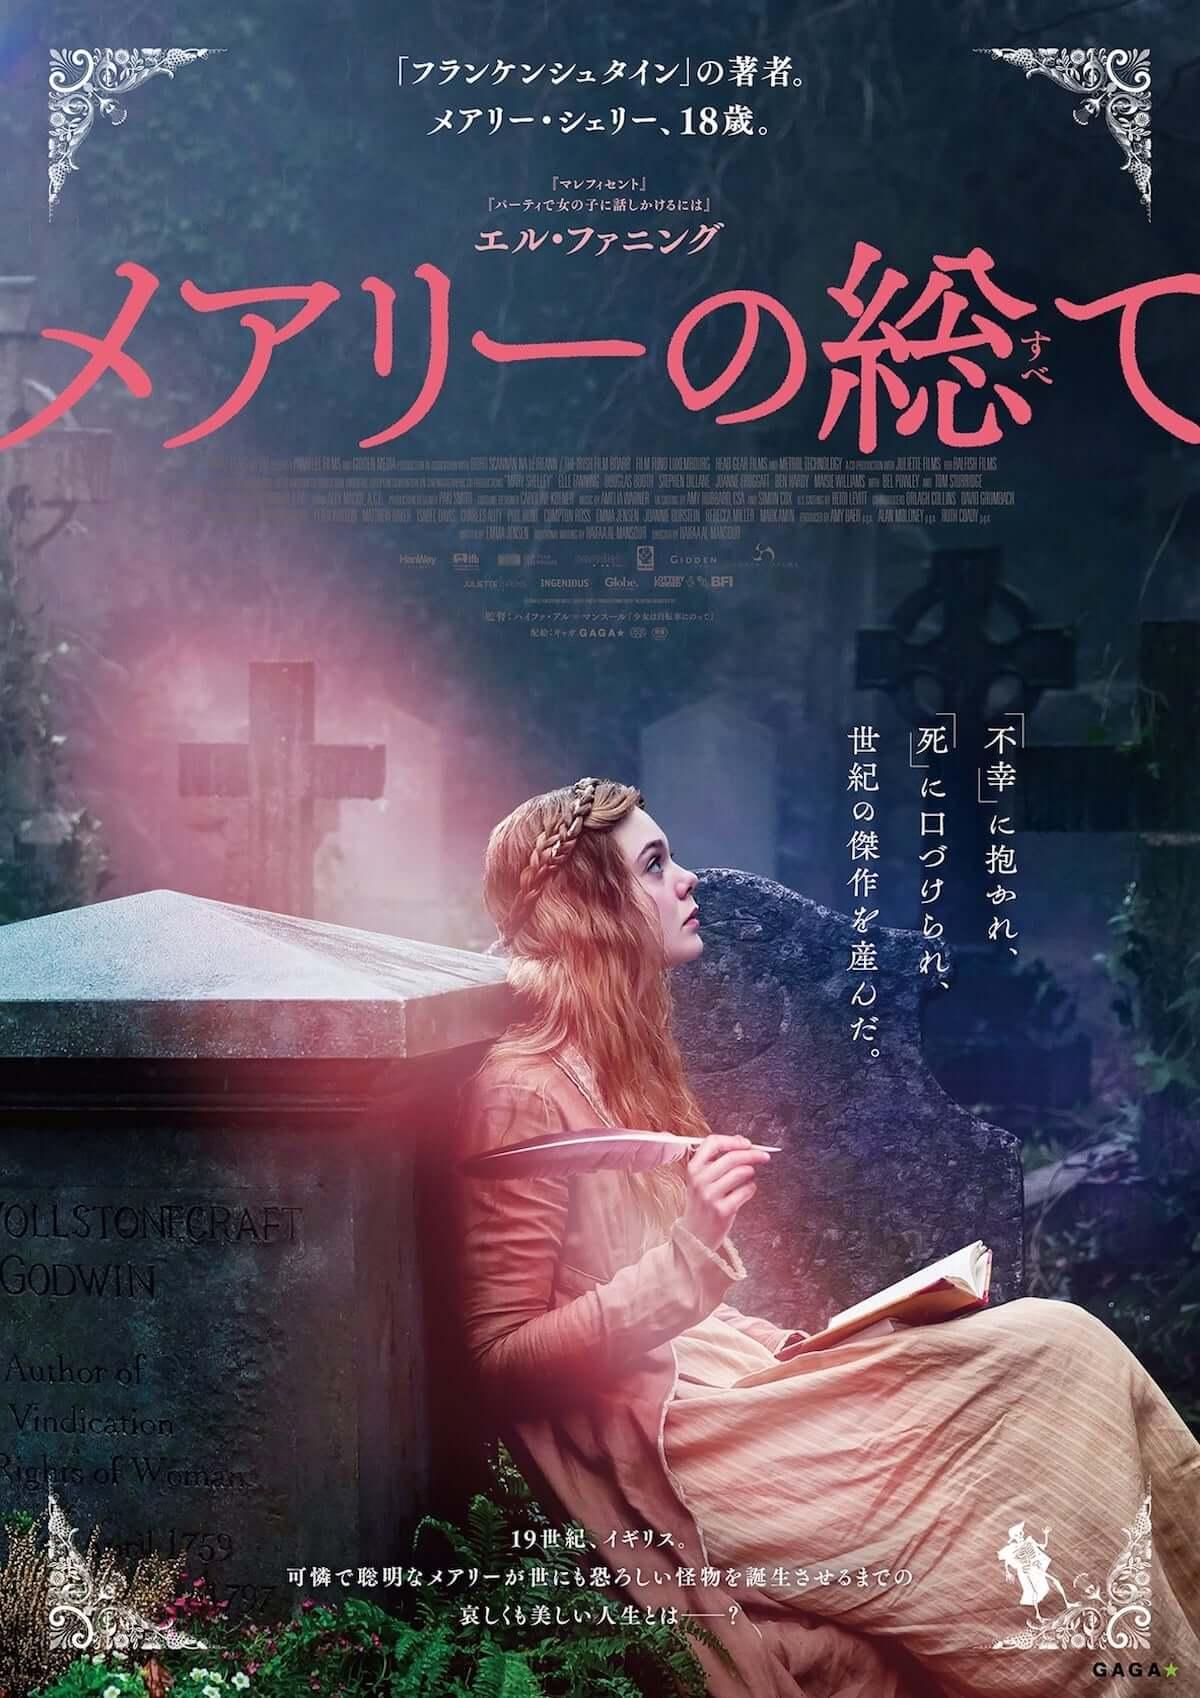 エル・ファニング主演映画、邦題『メアリーの総て(すべて)』として12月公開決定!美しい女性の姿が目を引くポスタービジュアルも解禁! film180911_mary-shelley_01-1200x1698